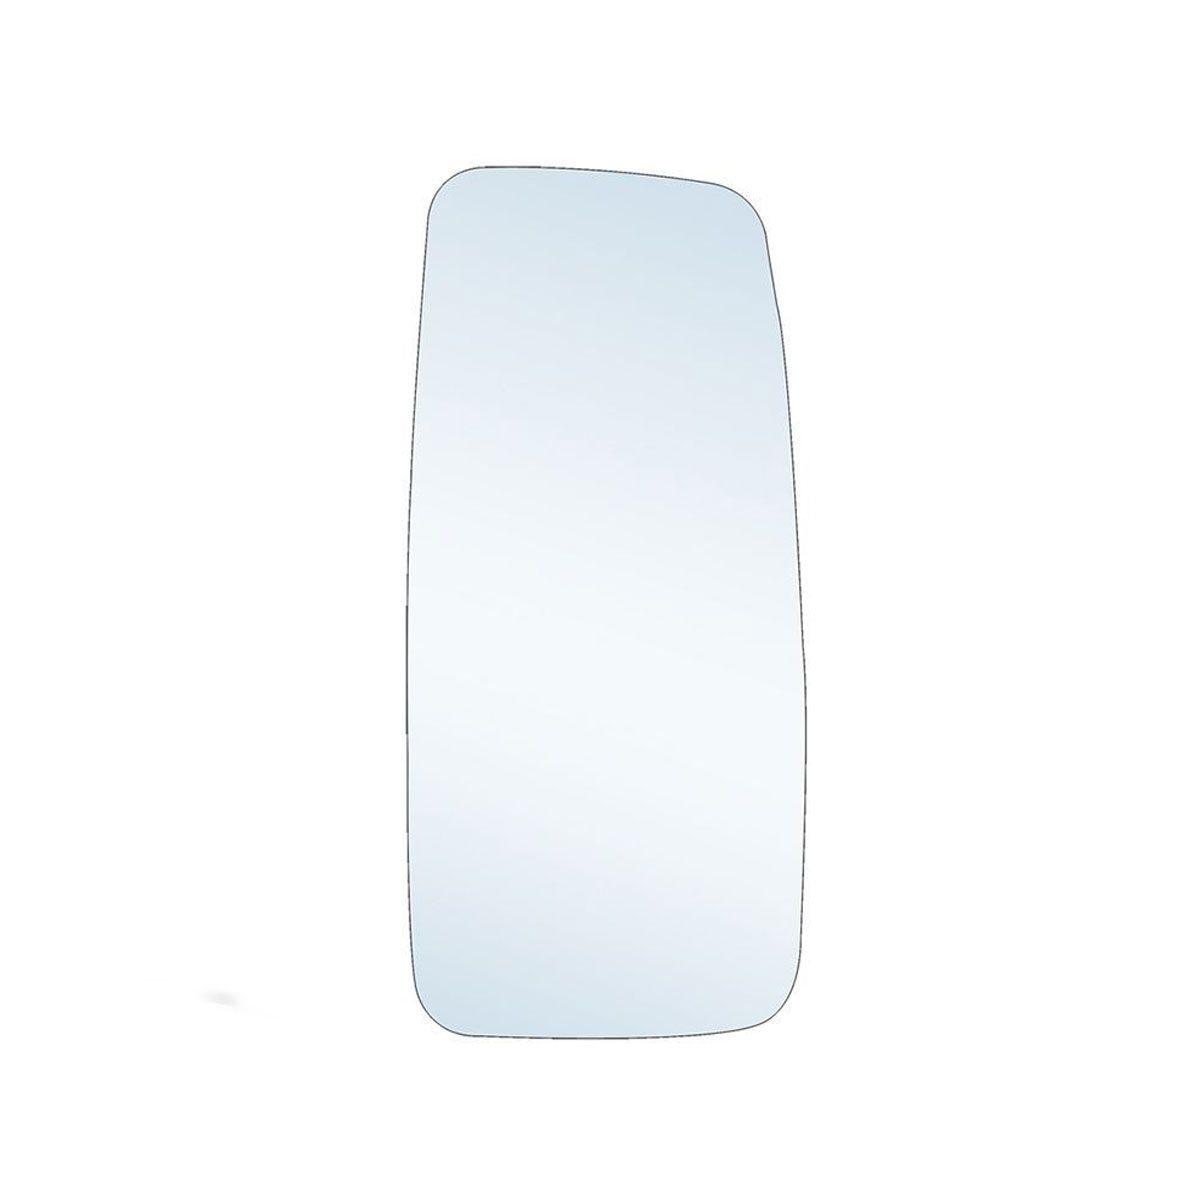 Vidro com Base Espelho Mercedes Benz Axor - Atego sem Desembaçador